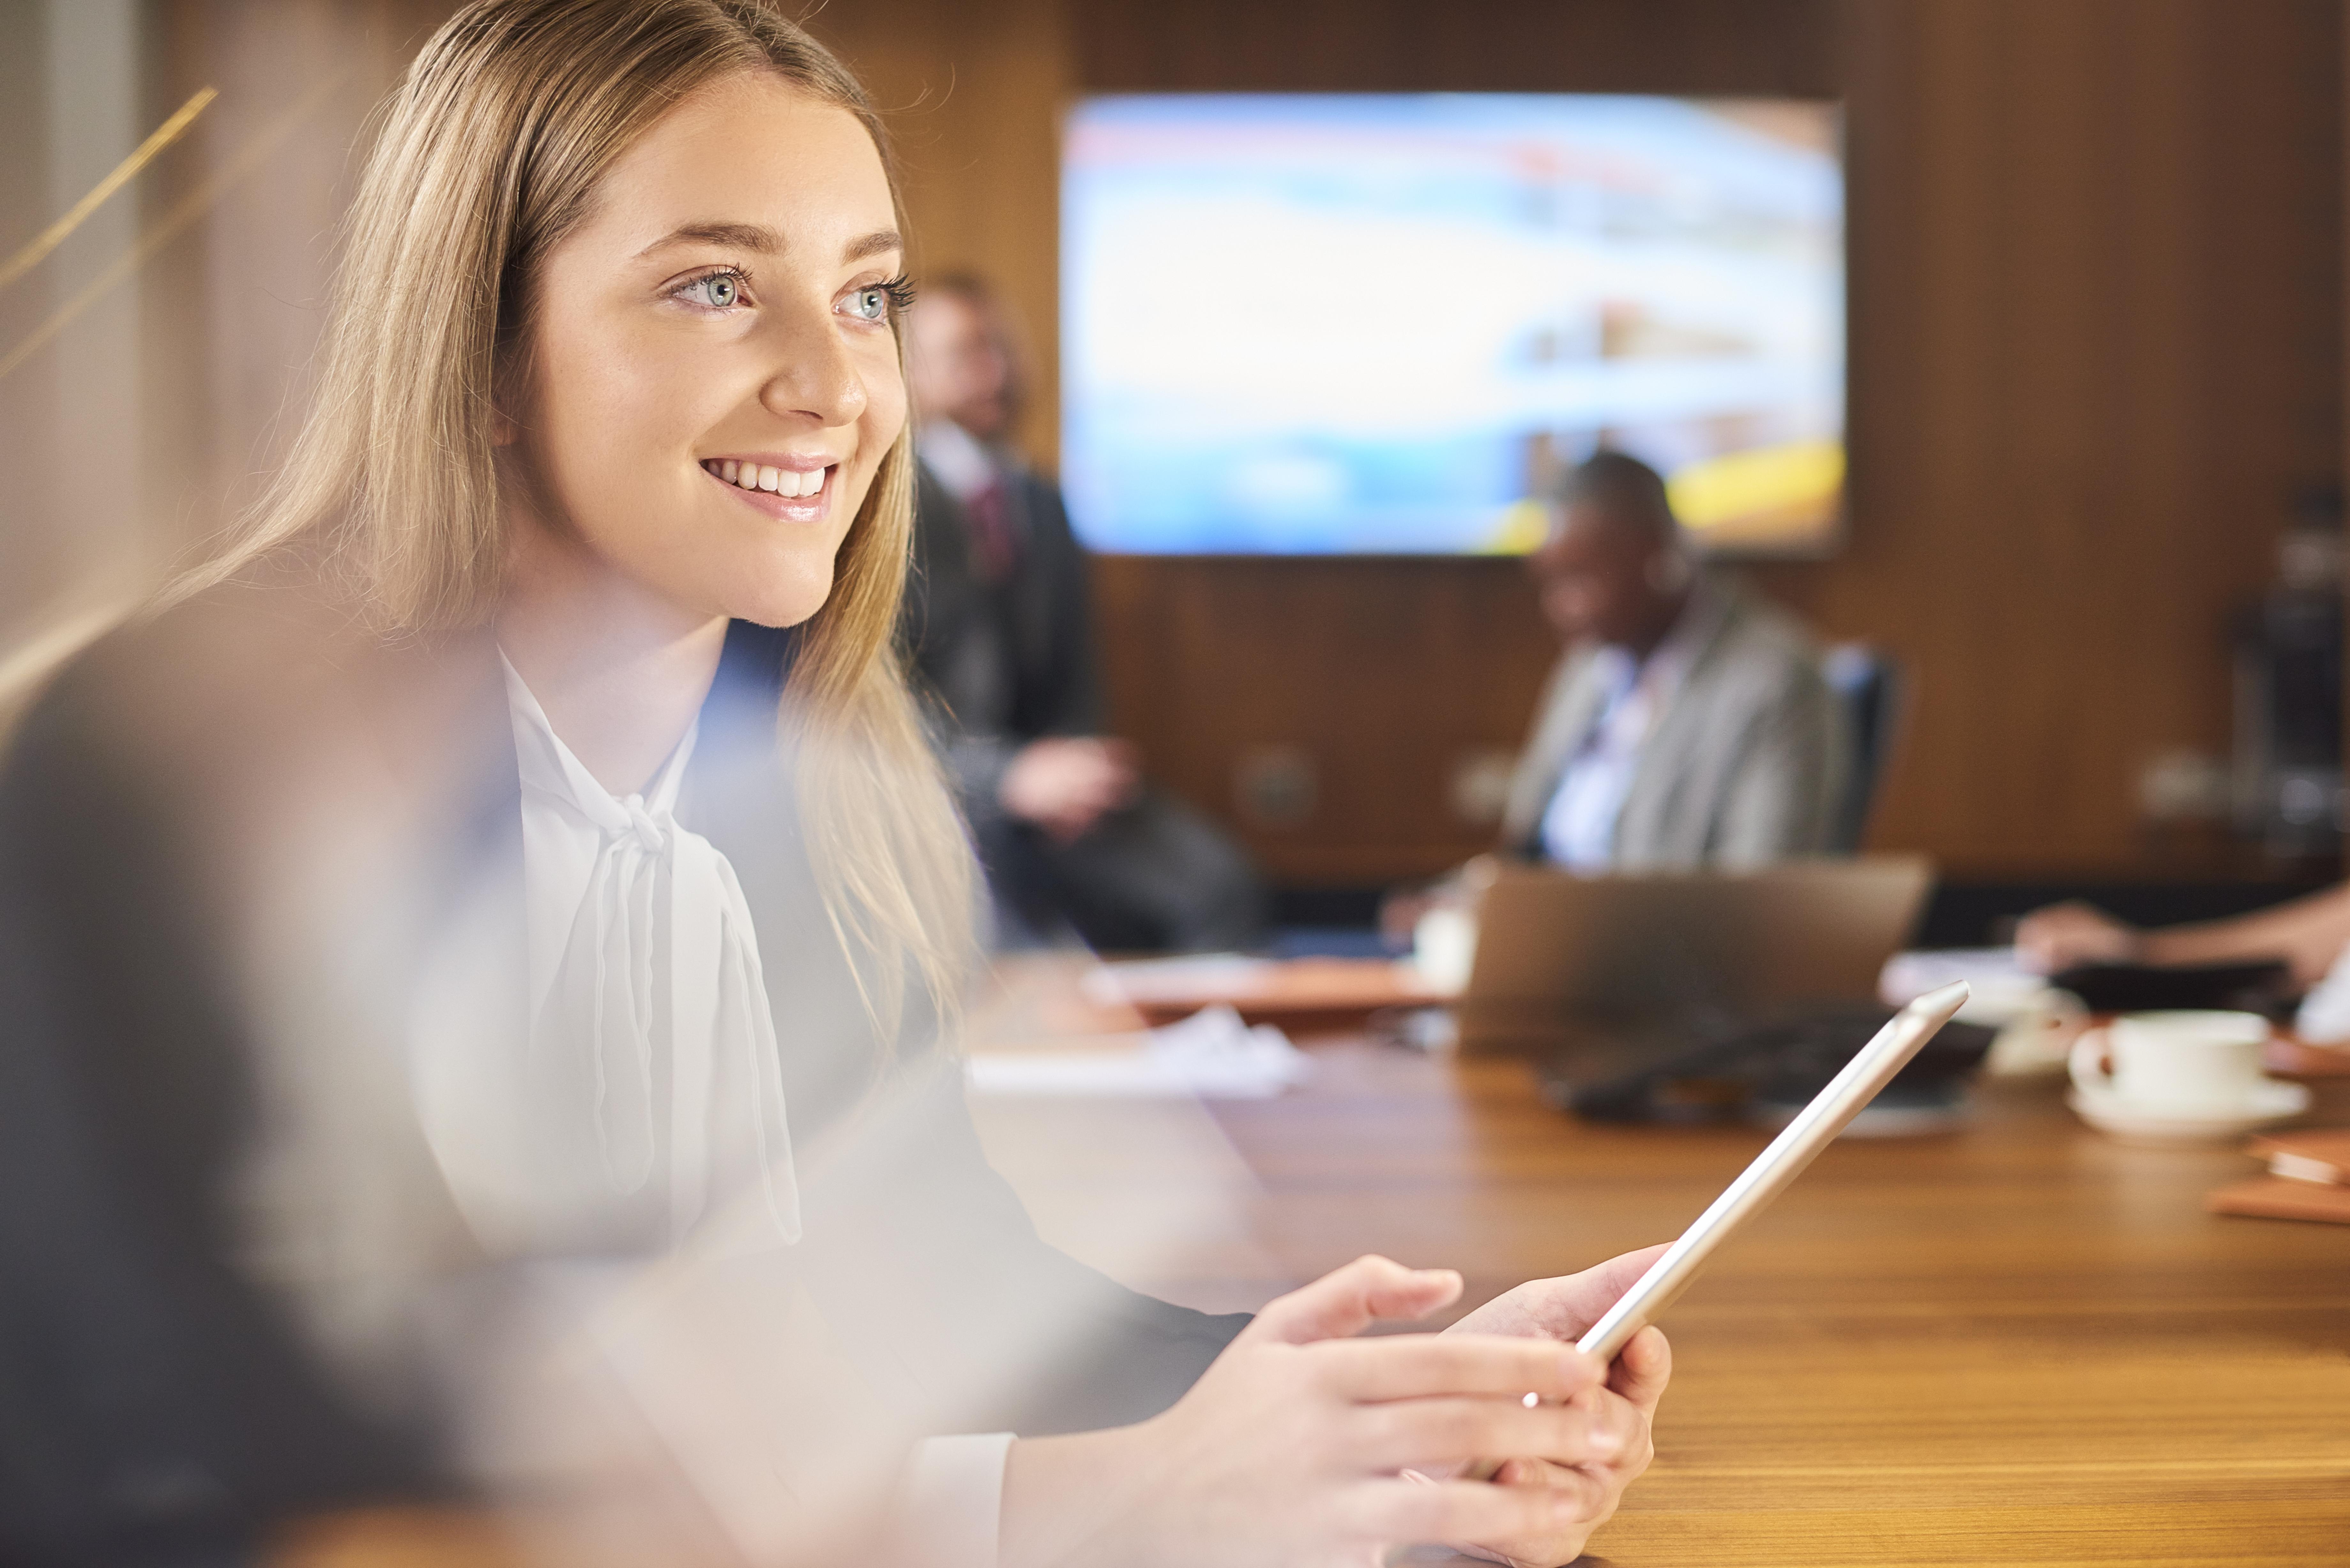 Kvinna i konferensrum